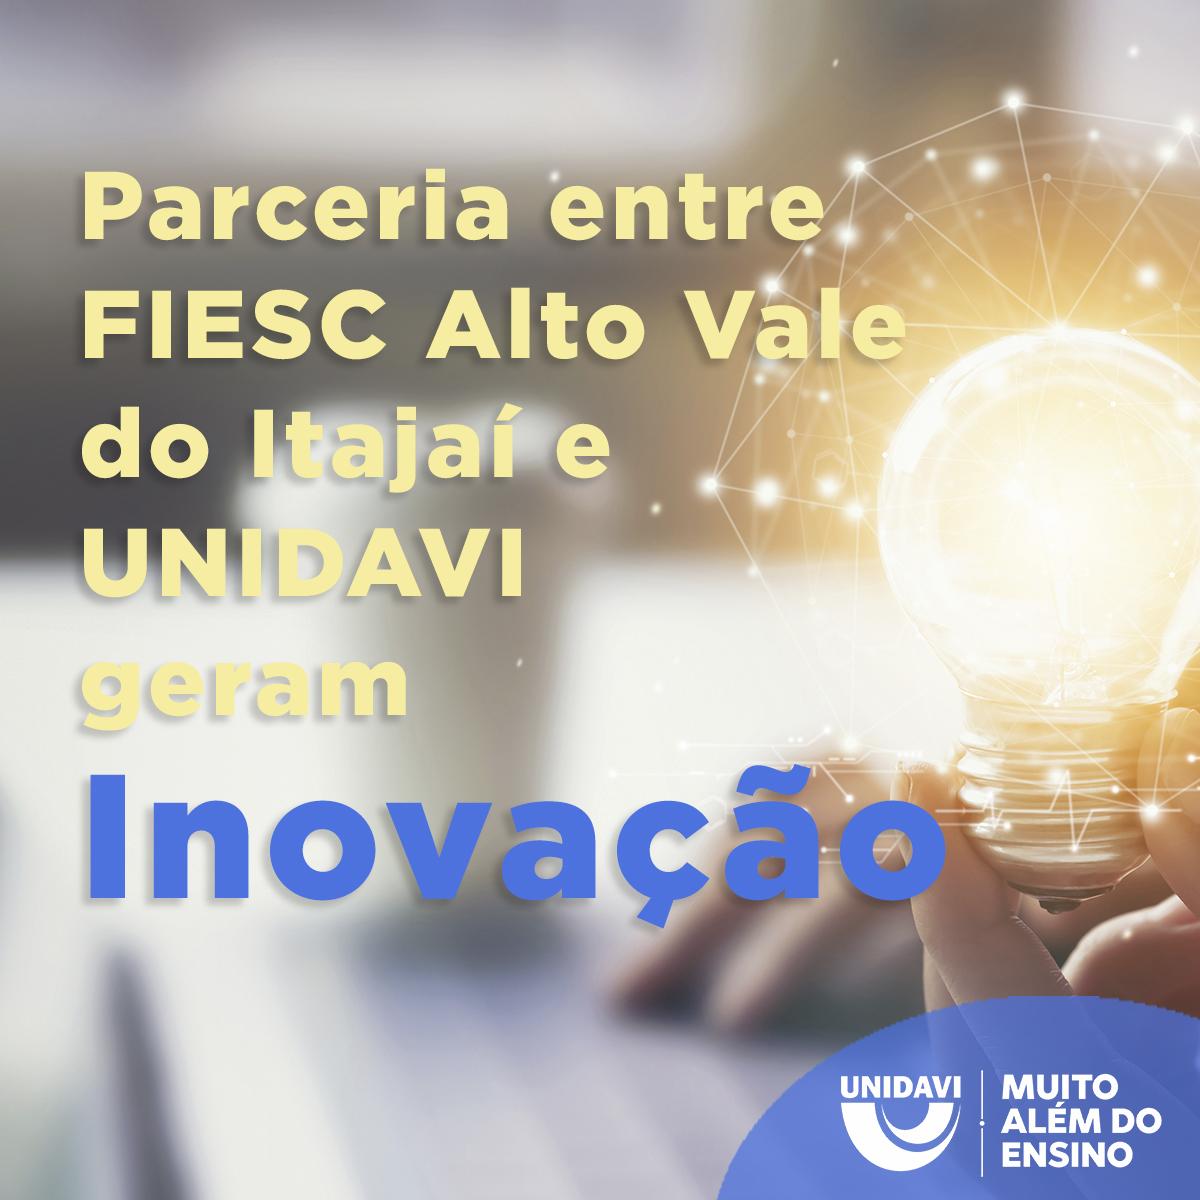 Parceria entre FIESC Alto Vale do Itajaí e UNIDAVI geram inovação